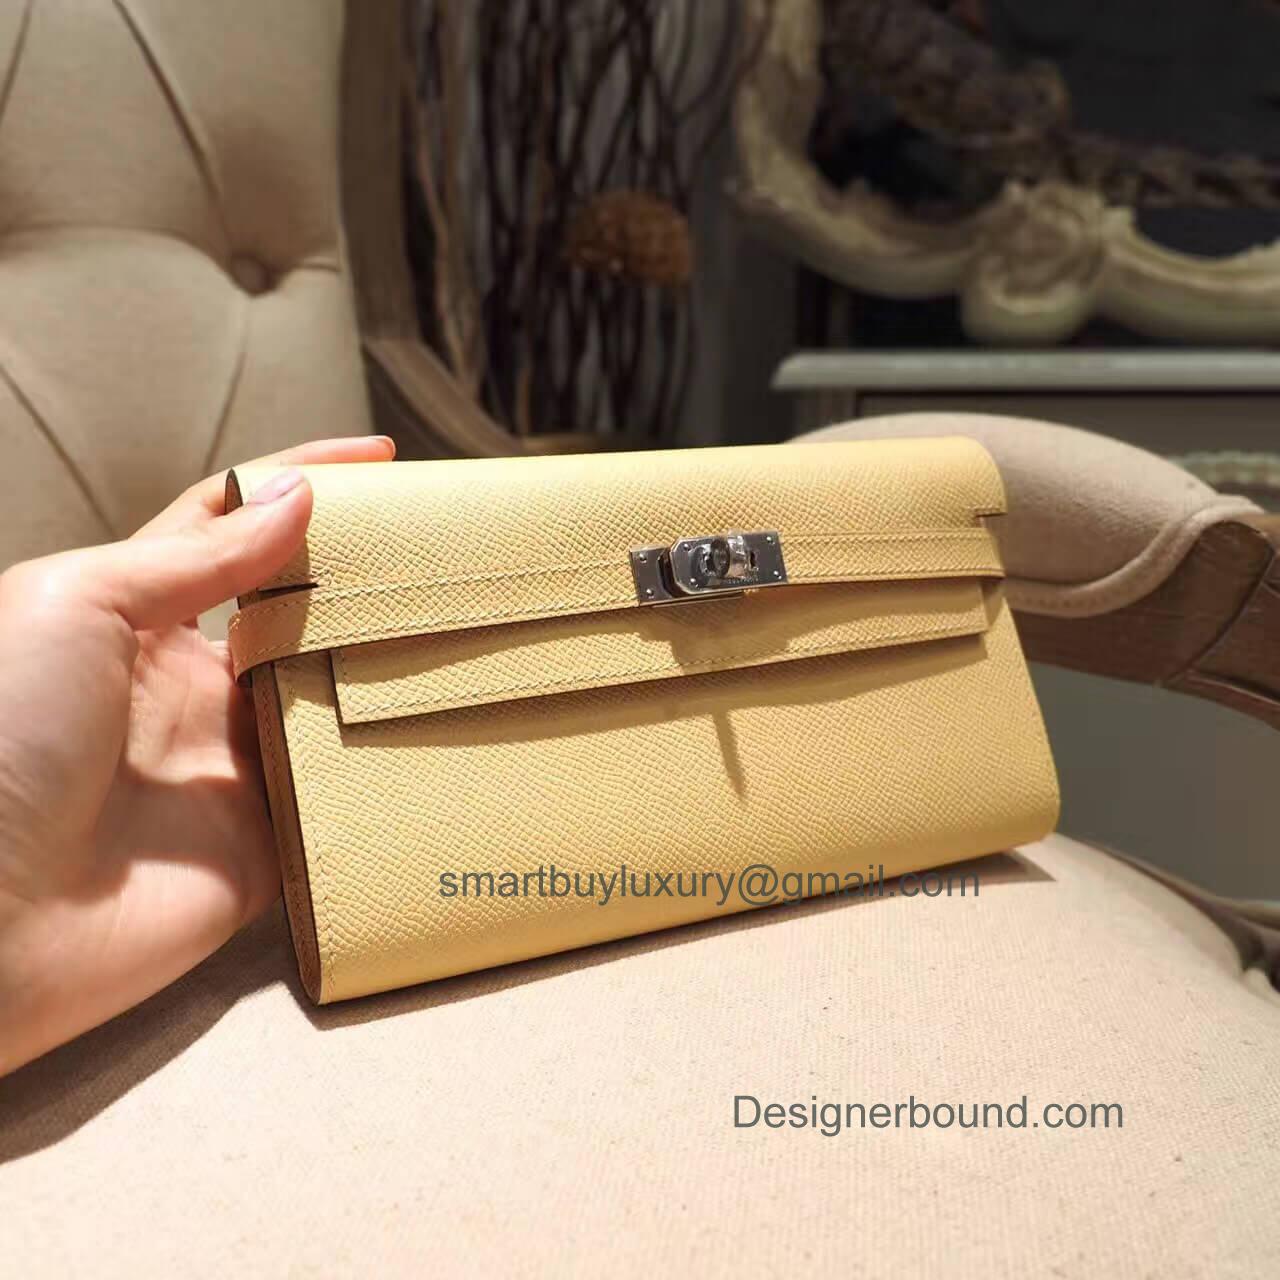 ae359ad0b246e Best Replica Hermes Purse - Kelly Cut 31 - DesignerBound.com